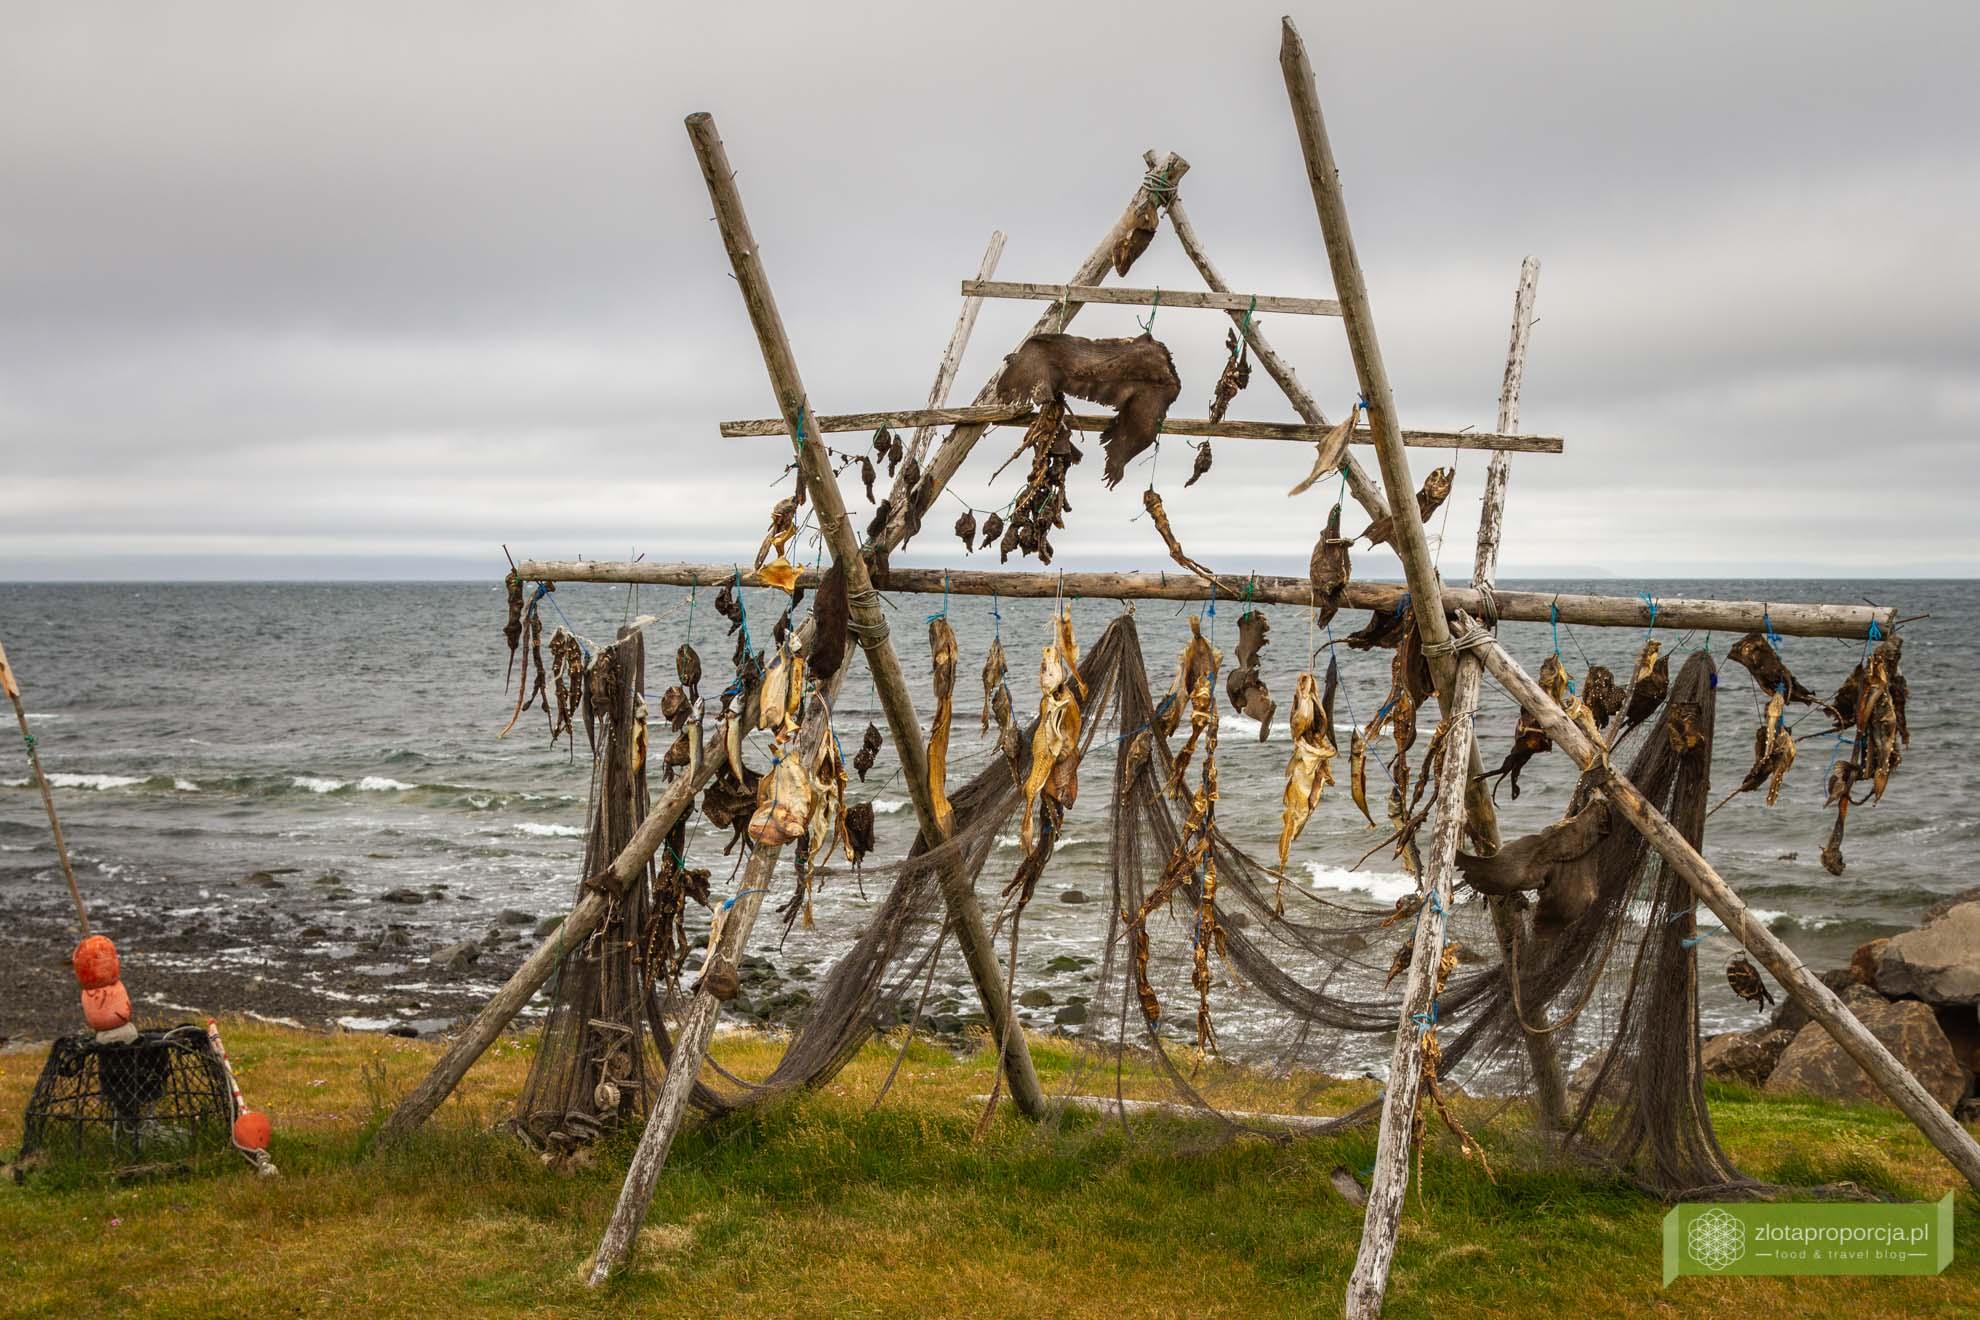 kuchnia islandii, kuchnia islnadzka, islandzkie potrawy, co zjeść na Islandii; islandzkie specjały; Harðfiskur; suszona ryba; ryby suszone islandia;